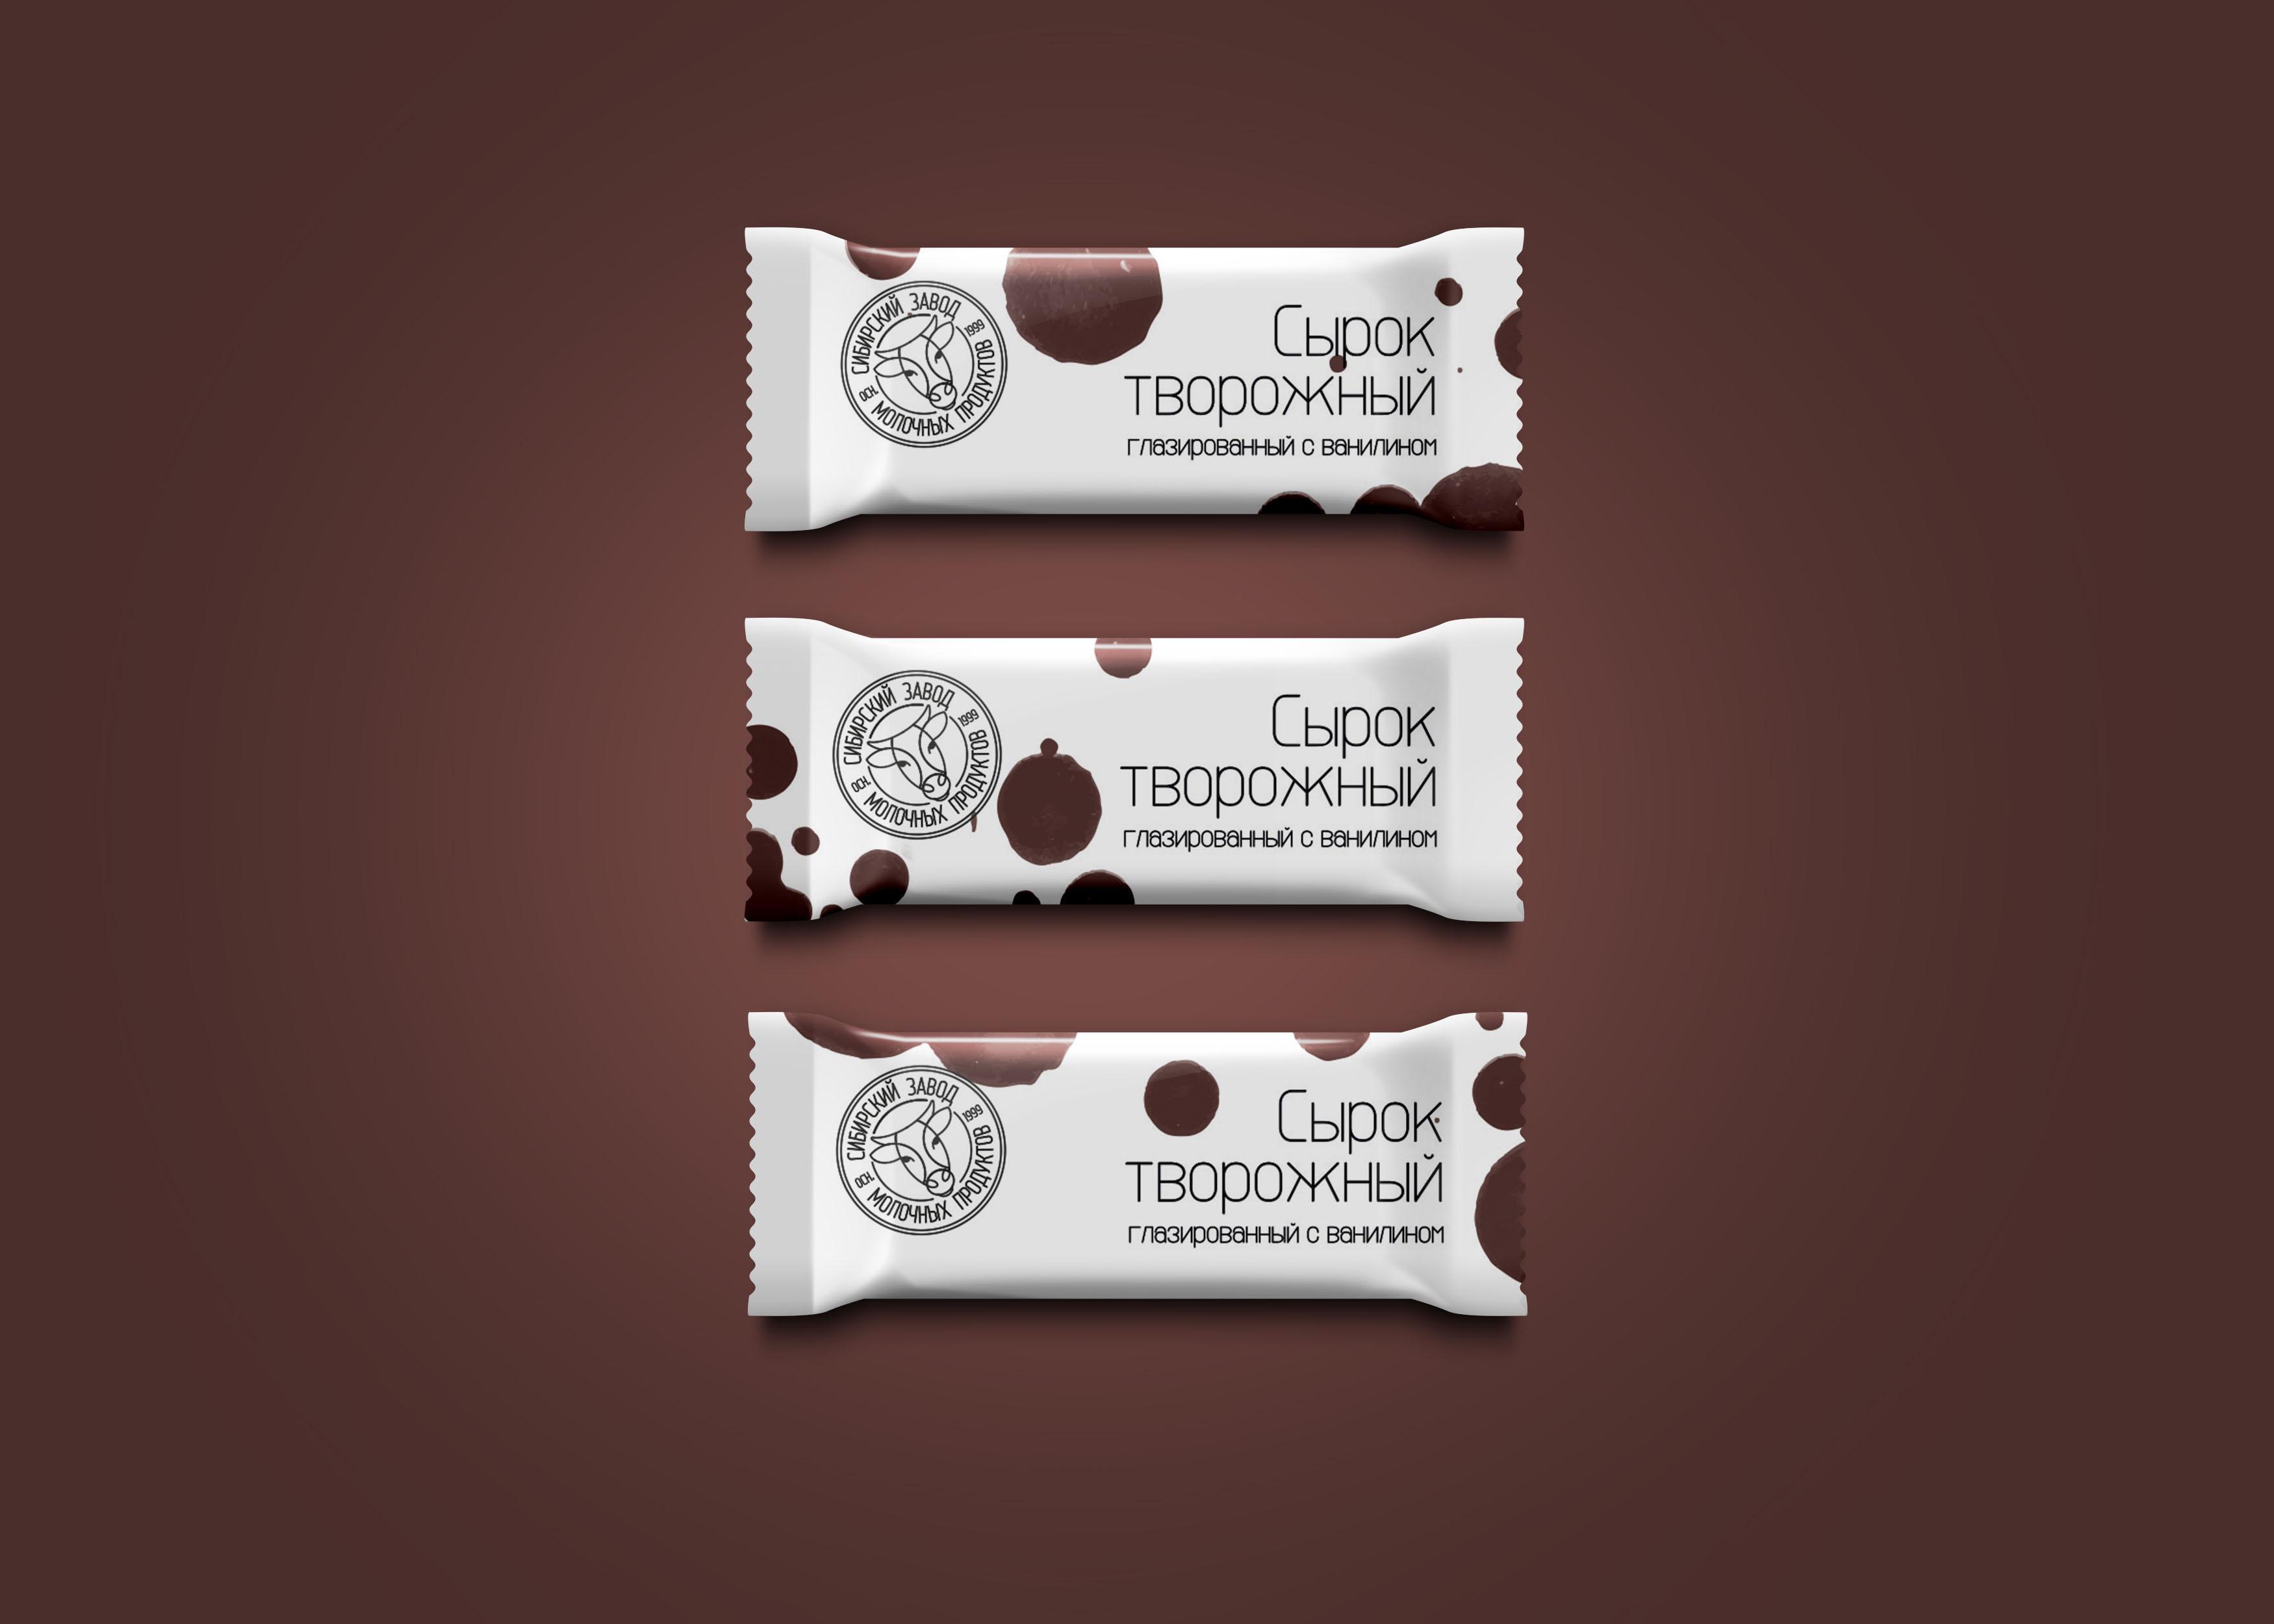 Дизайн упаковки и лого